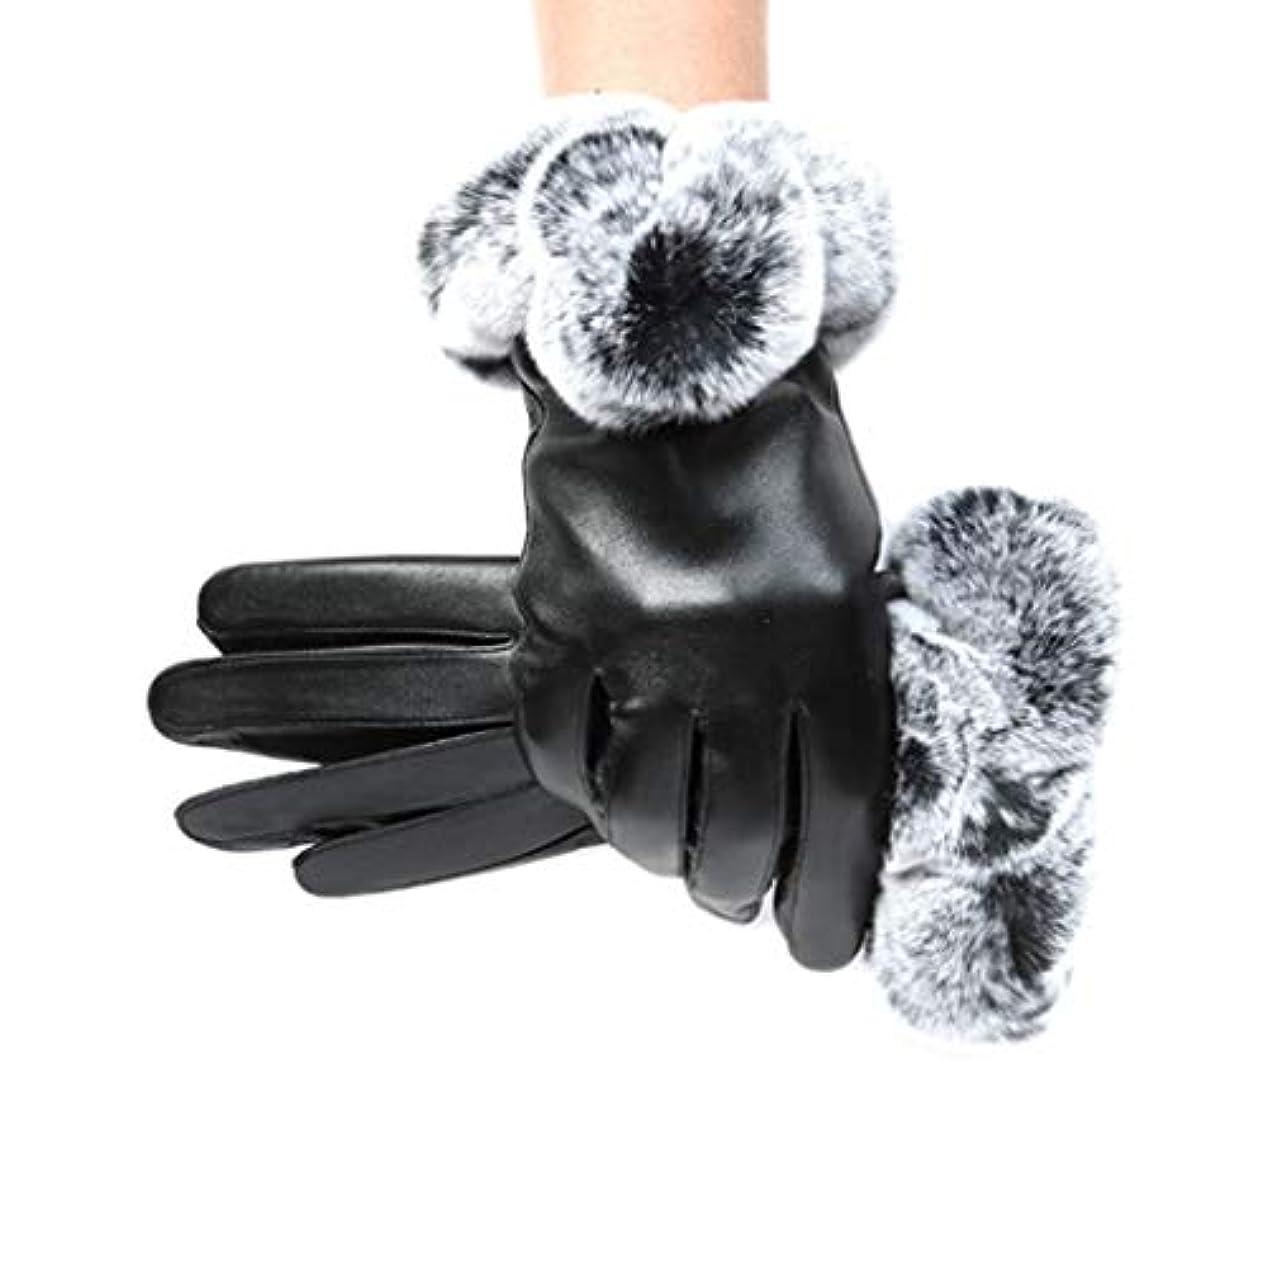 ピアニスト手段アルネレザーグローブ冬の暖かい手袋レディースアウトドアライディンググローブ防風コールドプラスベルベットのタッチスクリーングローブ女性モデル